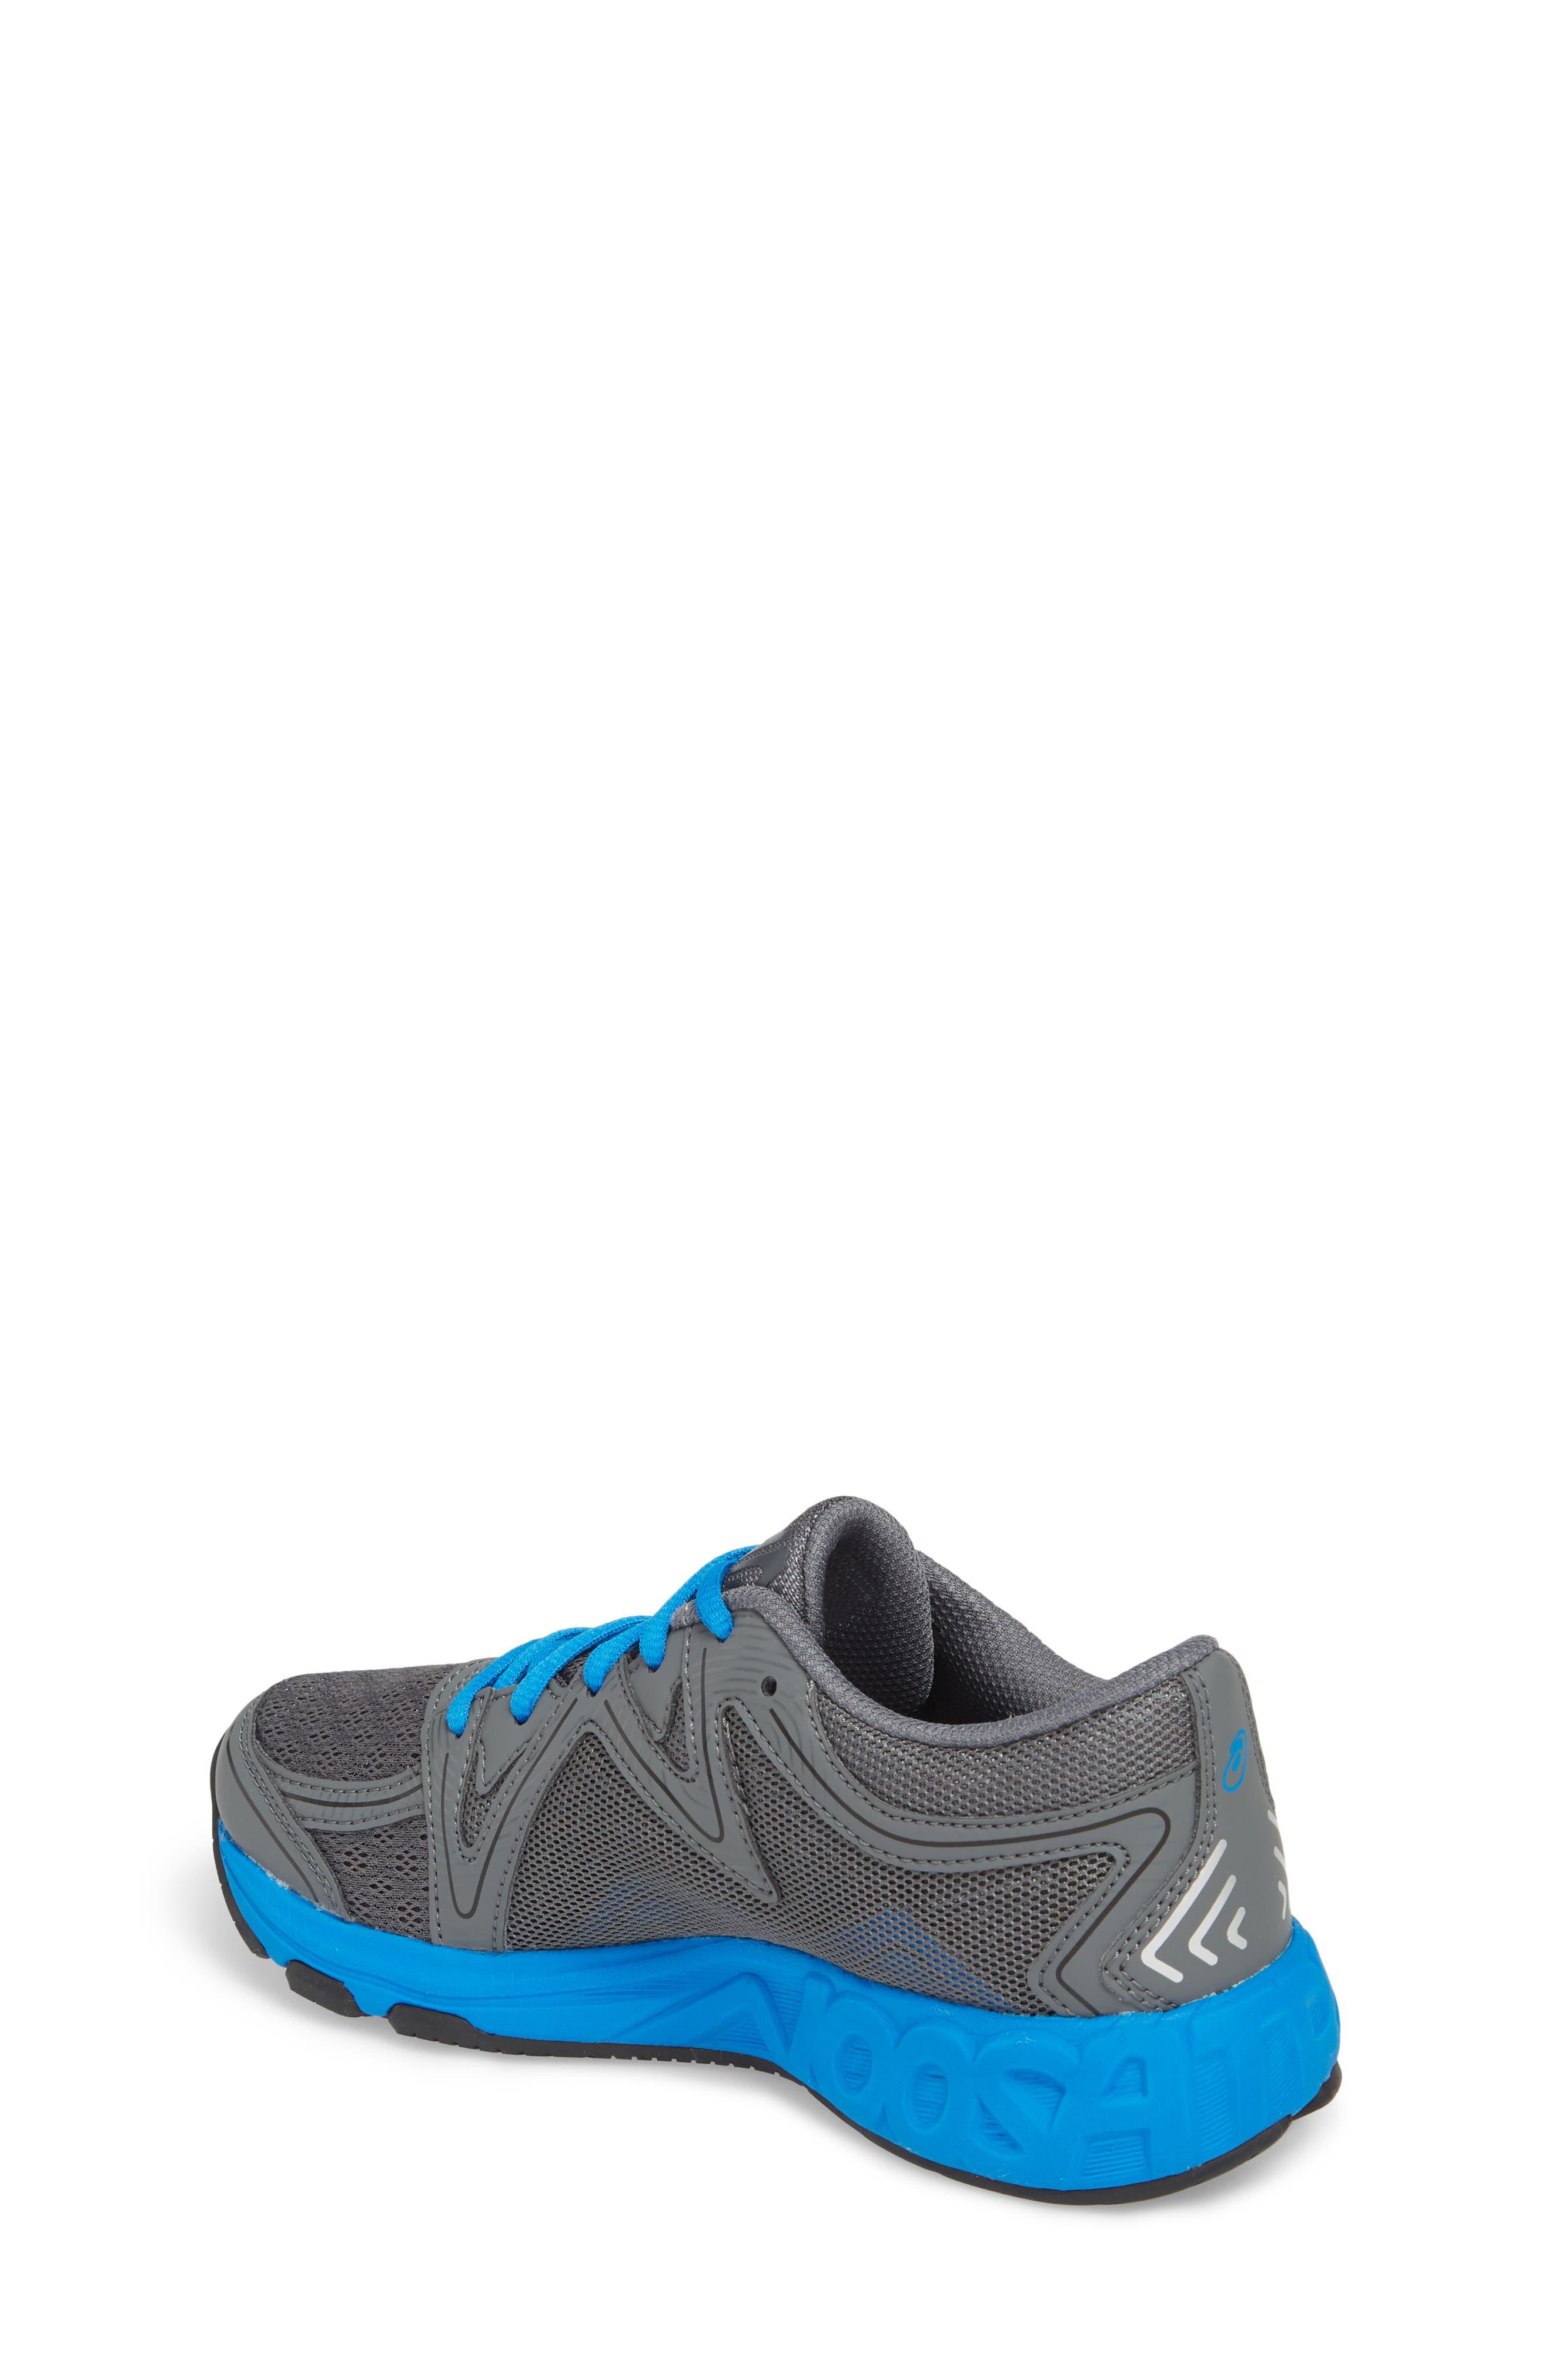 Noosa GS Sneaker,                             Alternate thumbnail 2, color,                             CARBON/ DIRECTOIRE BLUE/ BLACK